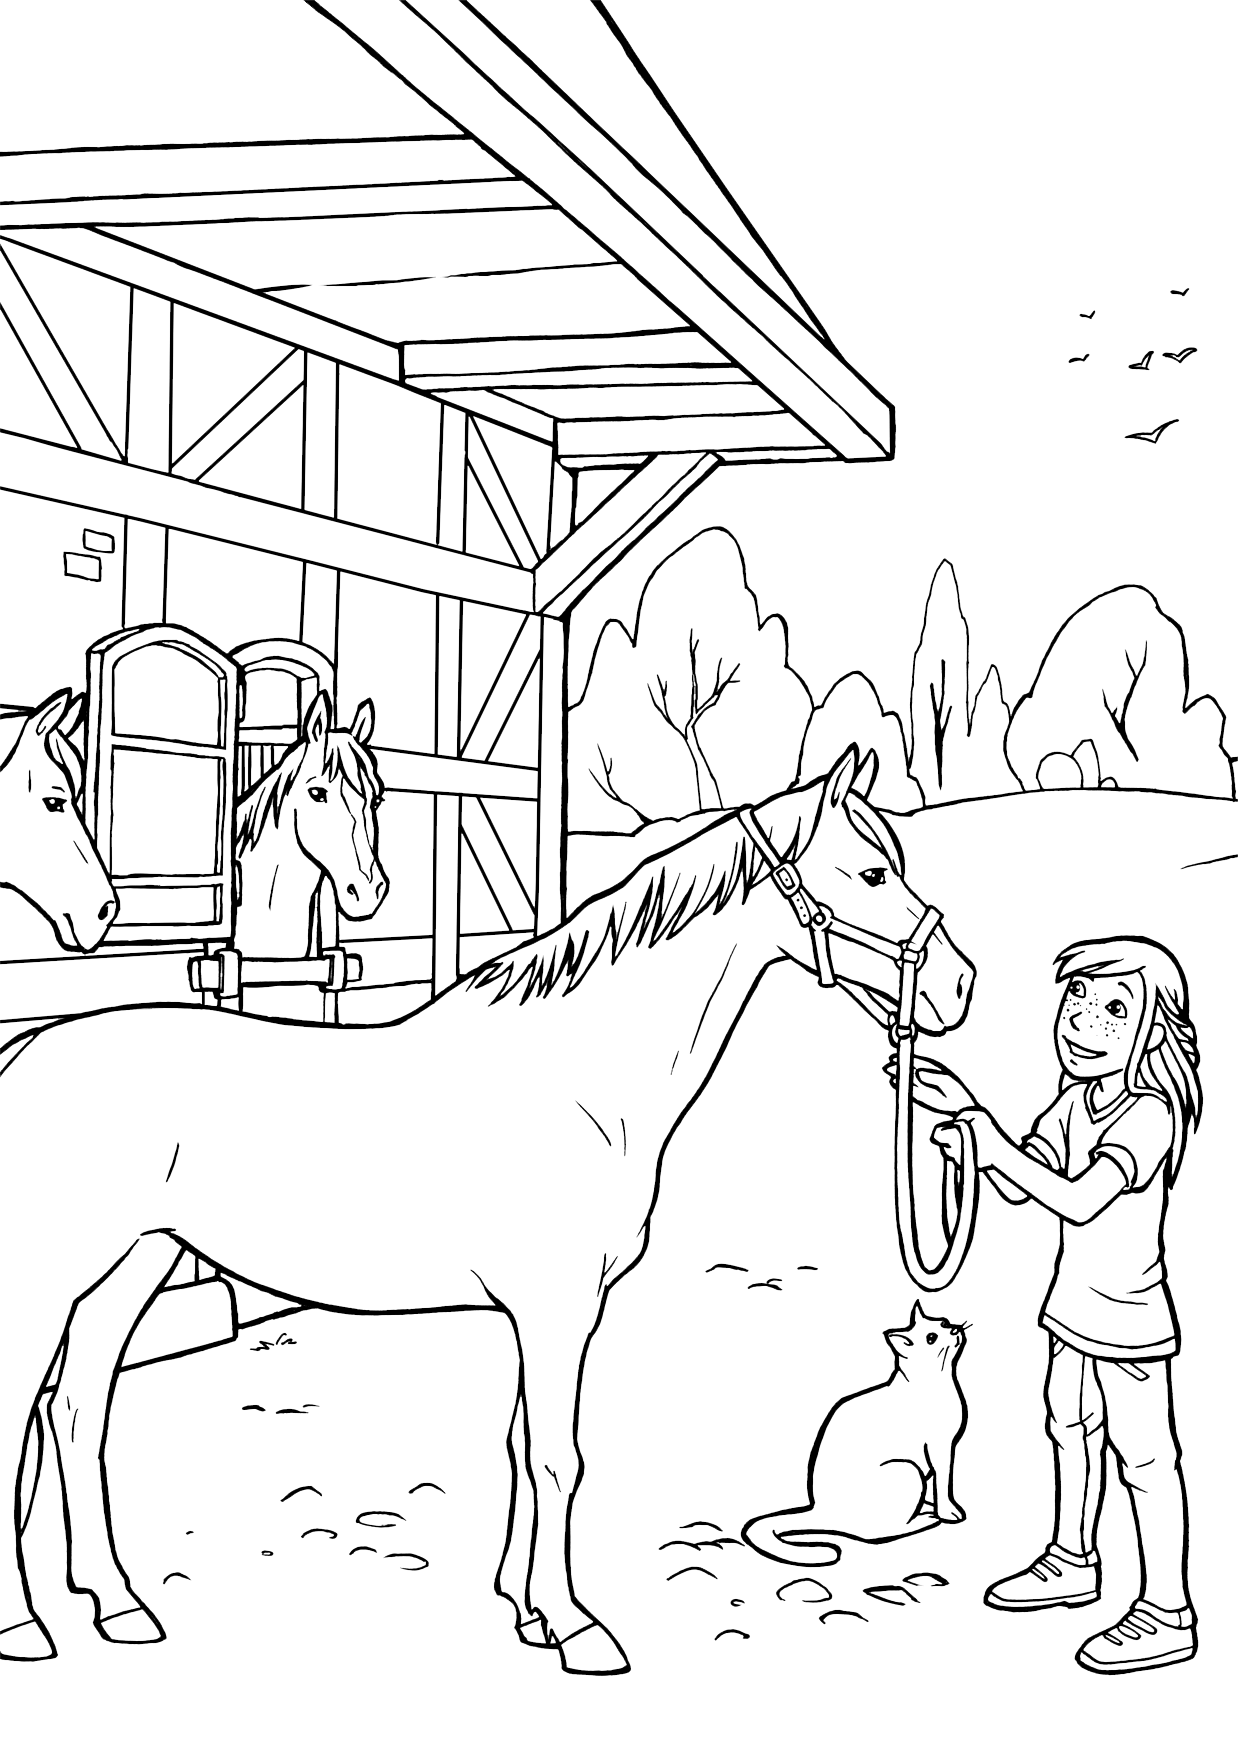 ausmalbilder pferde turnier ausmalbilder pferde kostenlos zum ausdrucken ausmalbilder pferde. Black Bedroom Furniture Sets. Home Design Ideas